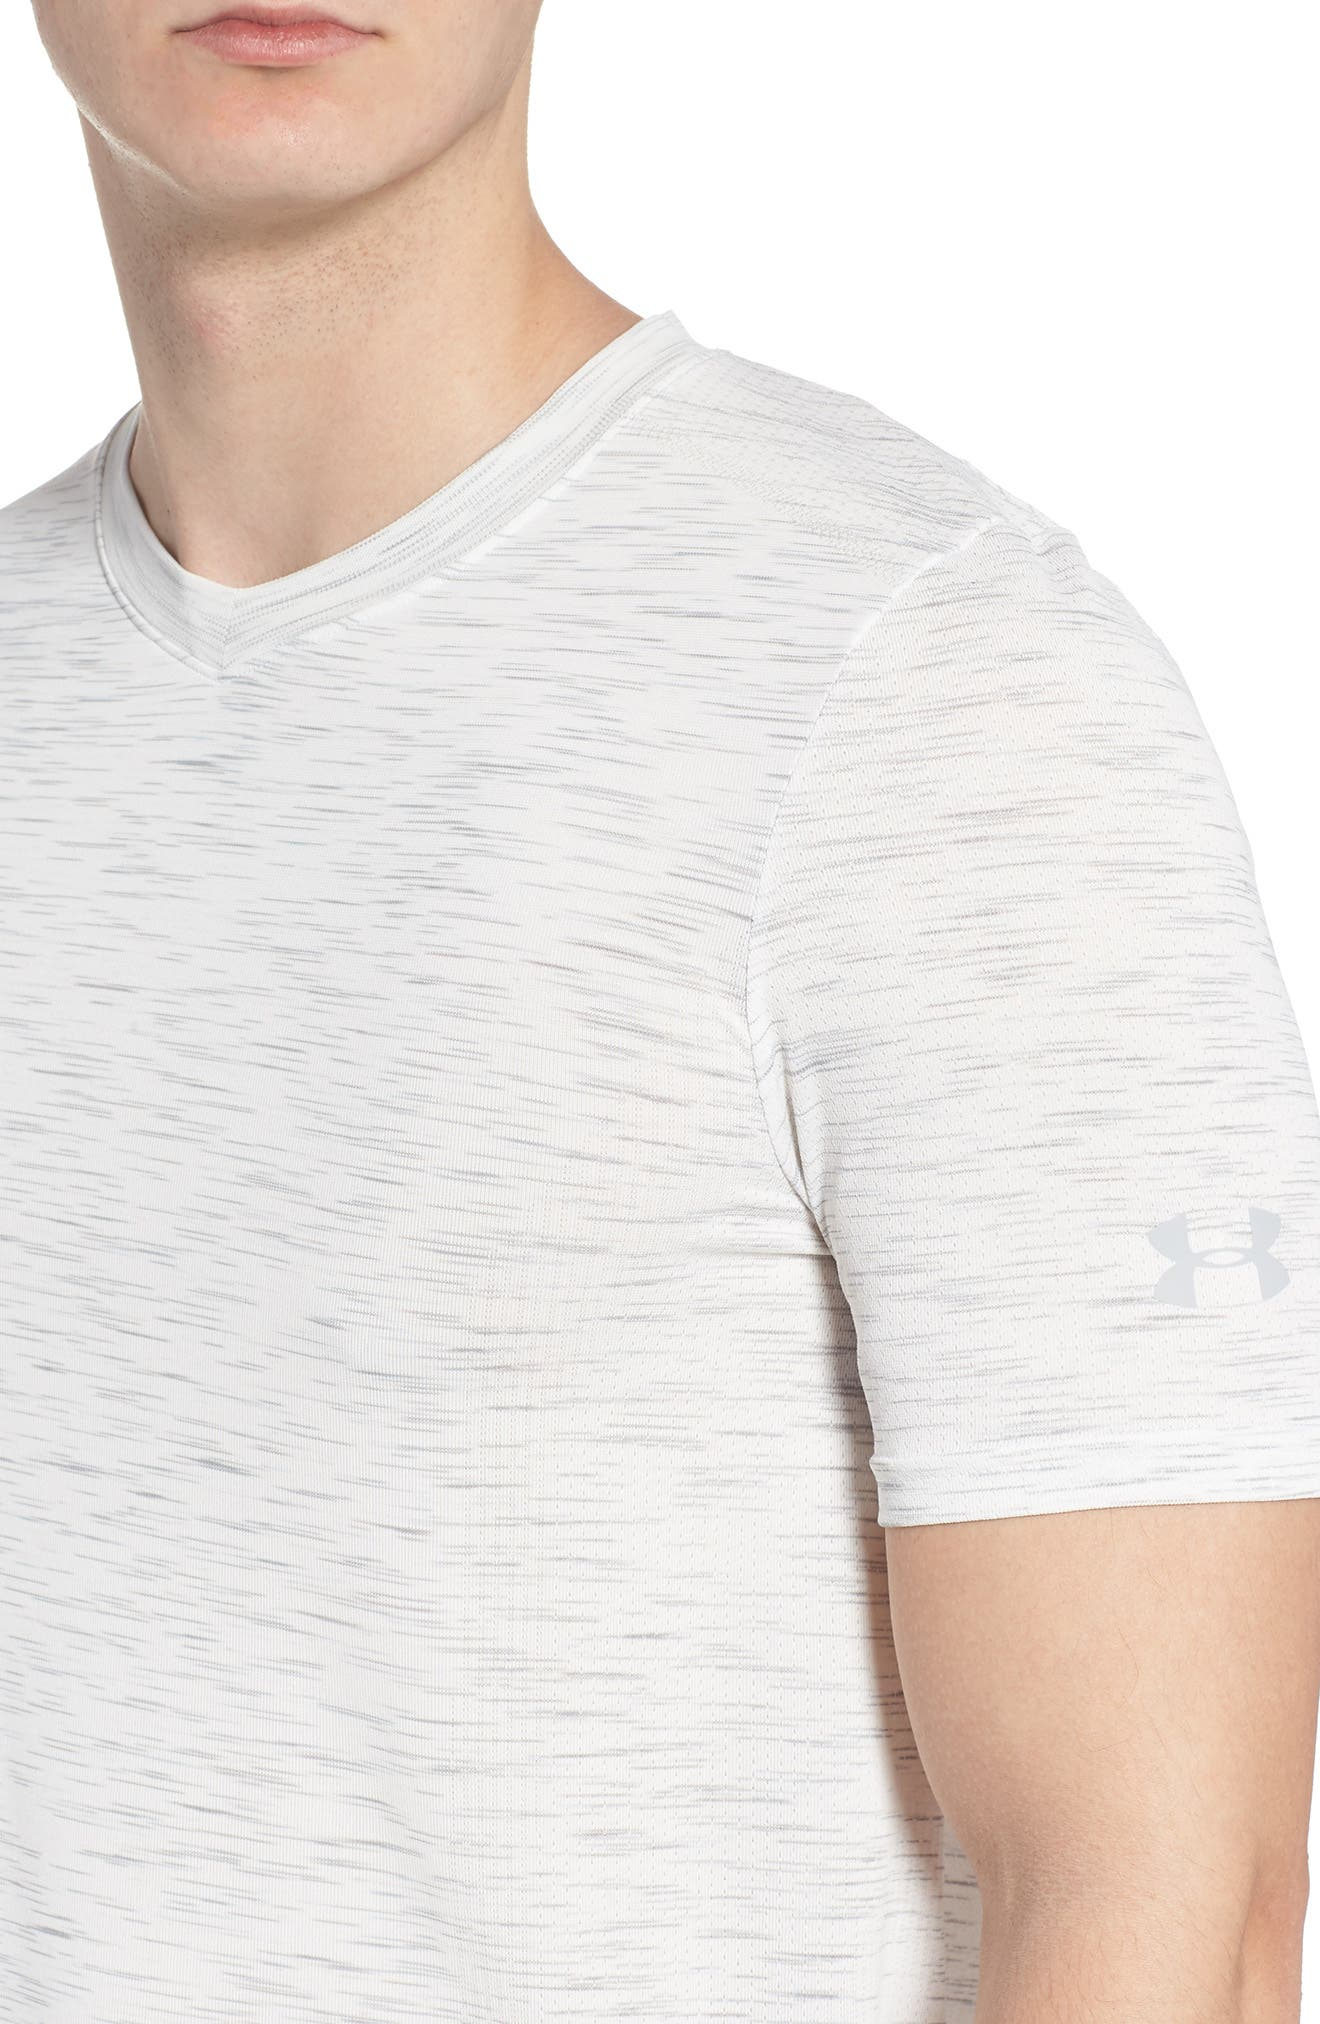 Regular Fit Threadborne T-Shirt,                             Alternate thumbnail 4, color,                             White